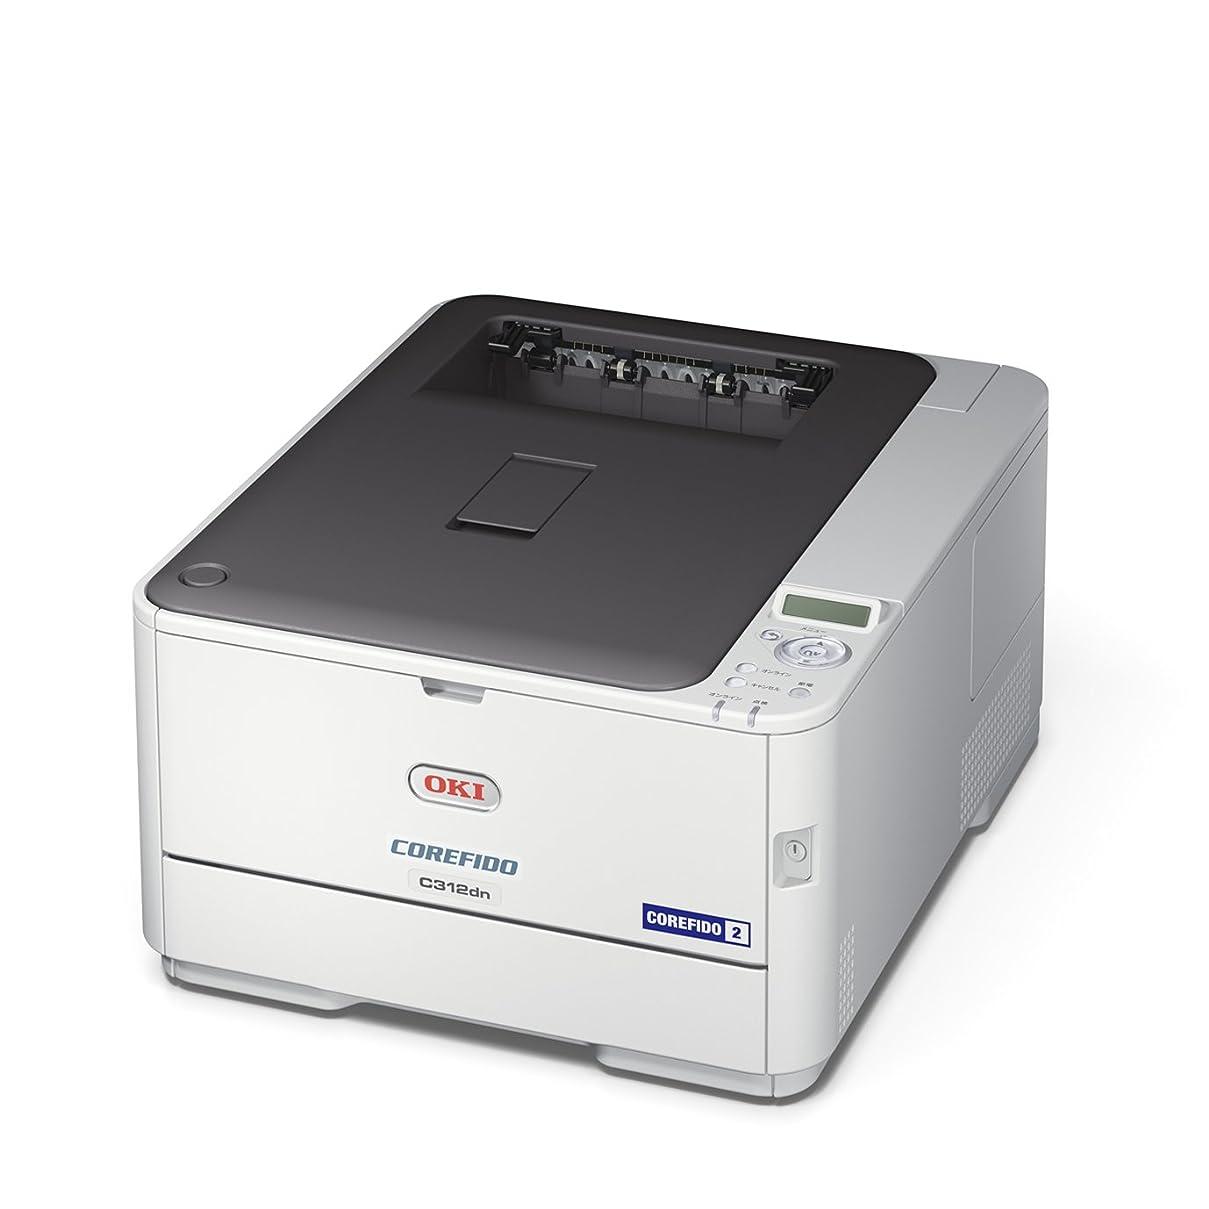 恋人歴史的倒産OKI COREFIDO2 C312dn A4 カラー LEDプリンタ ( コンパクト / 自動両面印刷 / 5年無償保証 ) C312DN